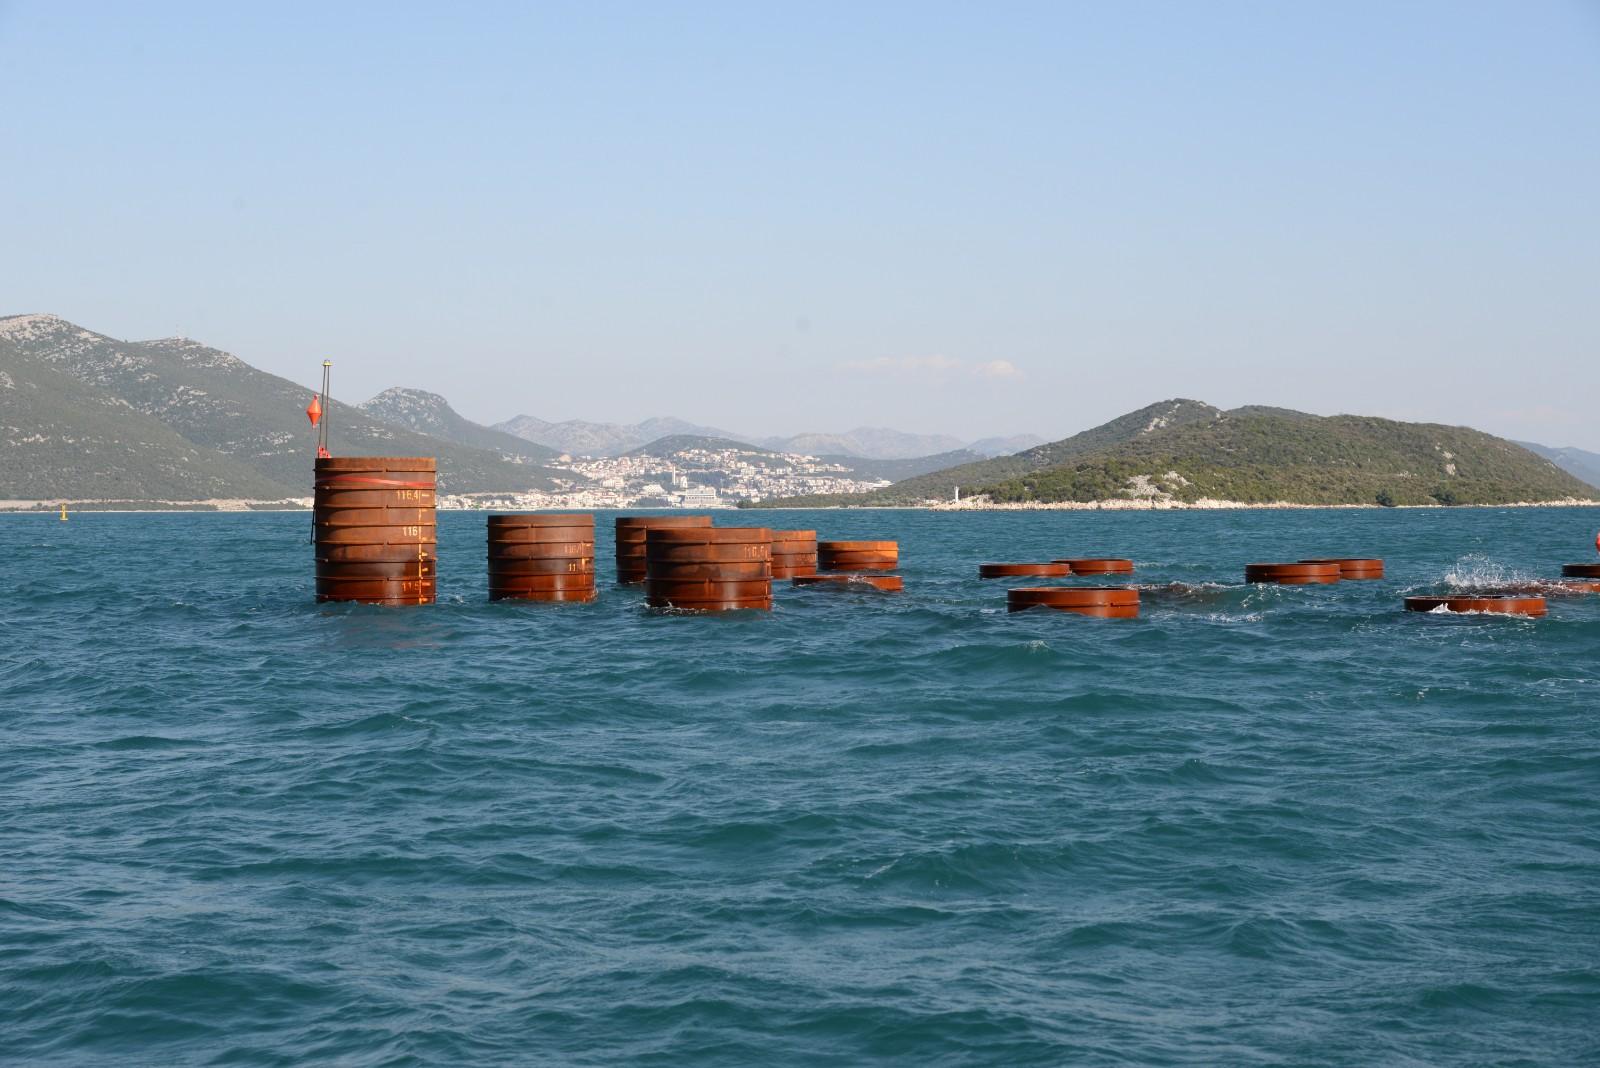 这是2019年3月21日在克罗地亚佩列沙茨大桥施工海域拍摄的钢管桩。今年1月,克罗地亚总理普连科维奇视察由中企承建的该项目工地时,对中国企业的施工进度表示赞赏,并指出佩列沙茨大桥意义重大,体现克中两国良好合作关系。